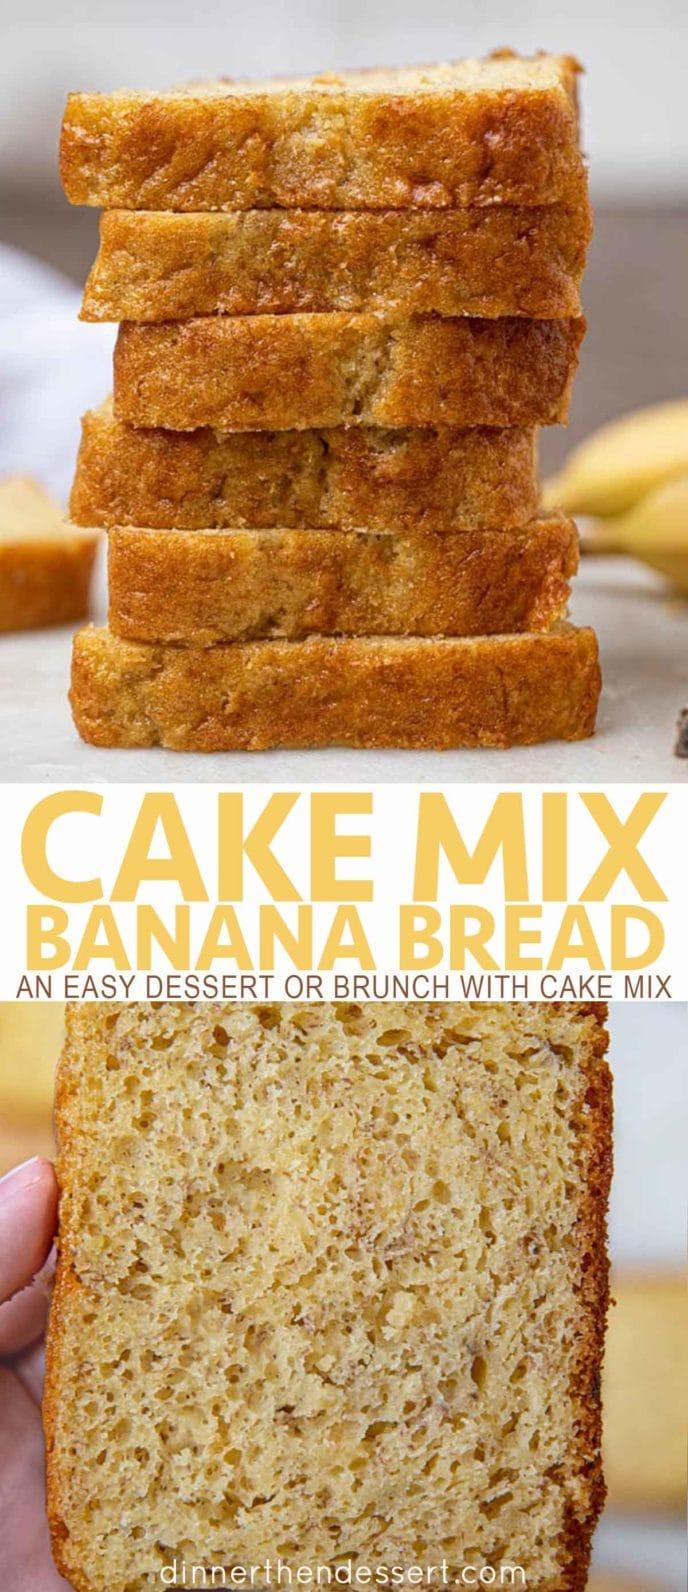 Cake Mix Banana Bread sliced